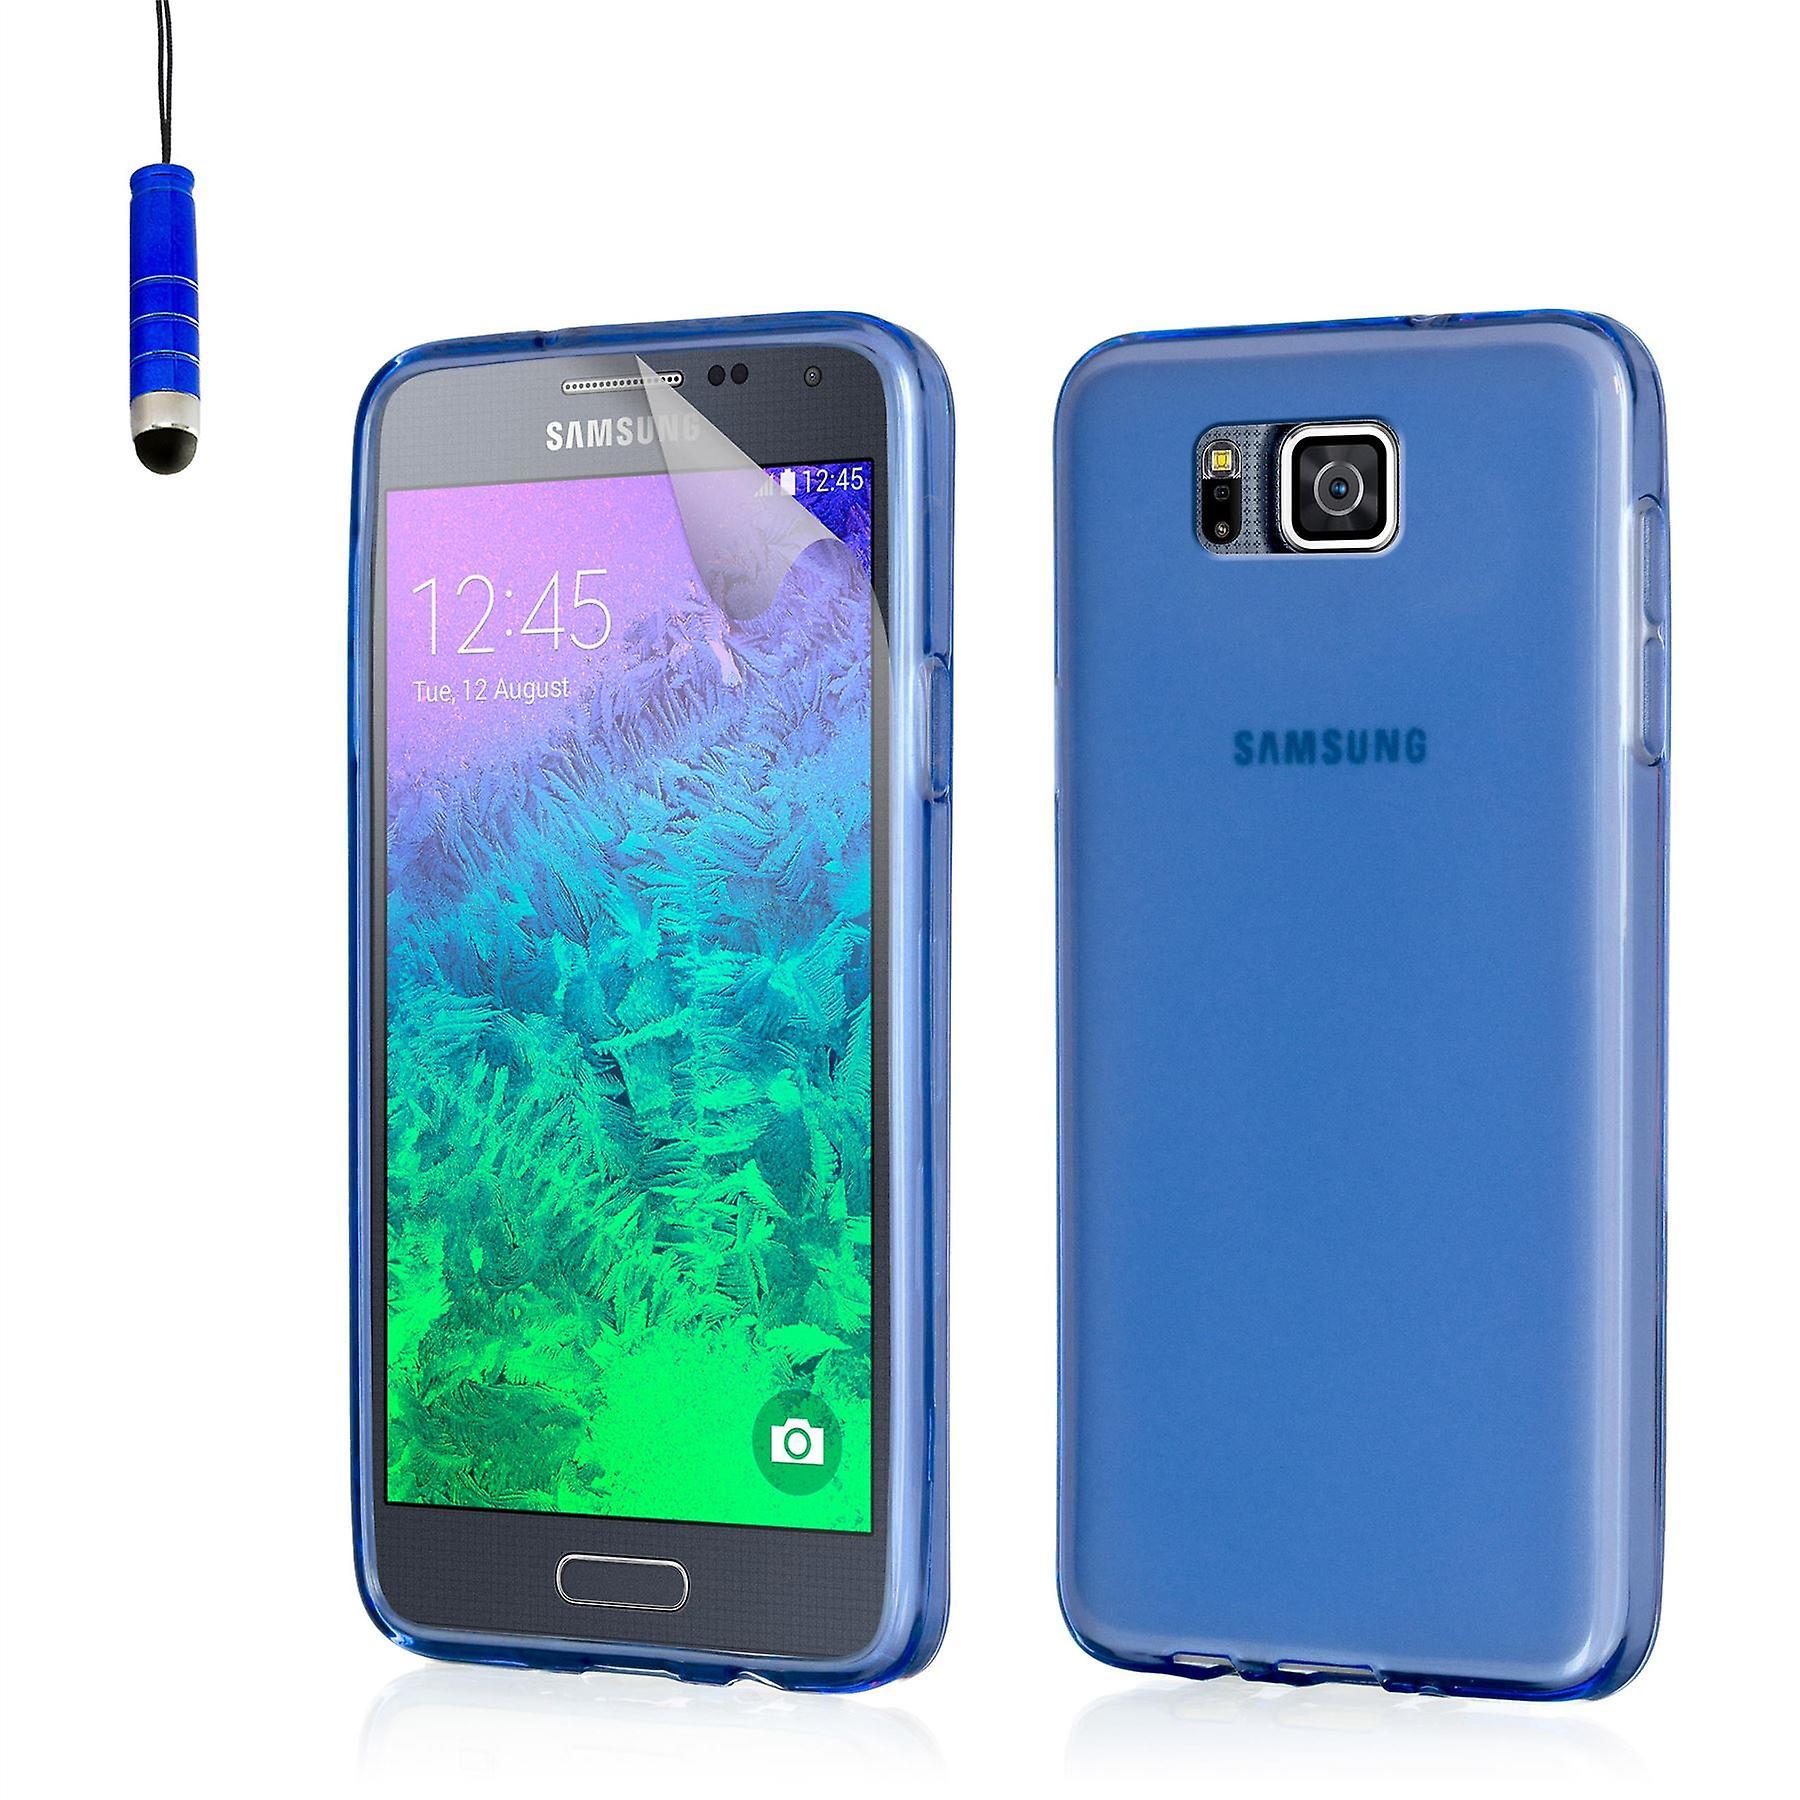 Crystal gel case for Samsung Galaxy Alpha SM-G850 - Deep Blue